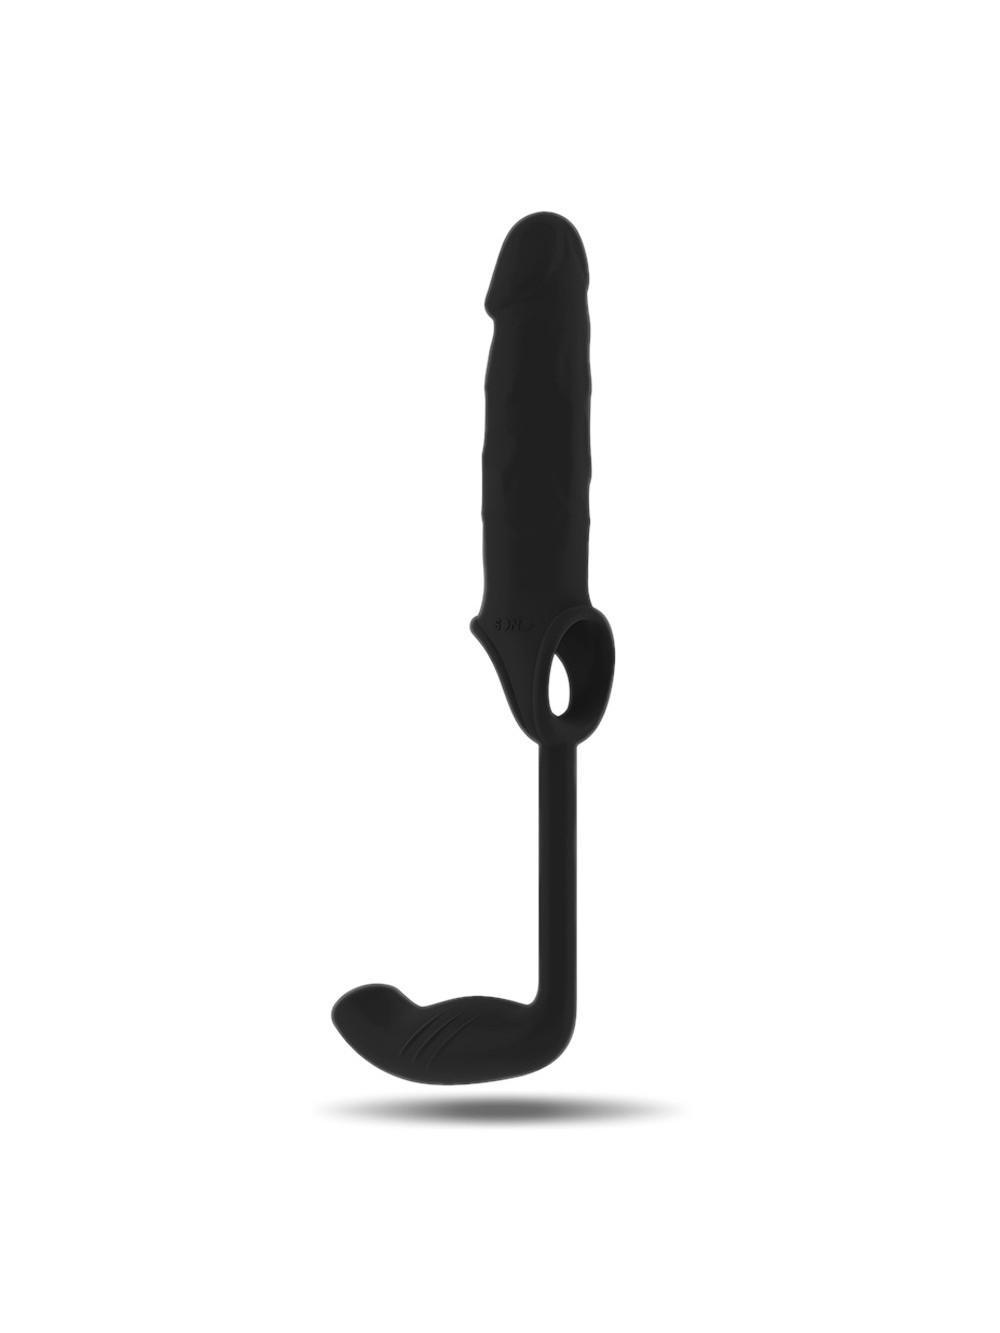 Sono SON034BLK Estensione per il Pene con Plug Anale, Nero - 1 Prodotto